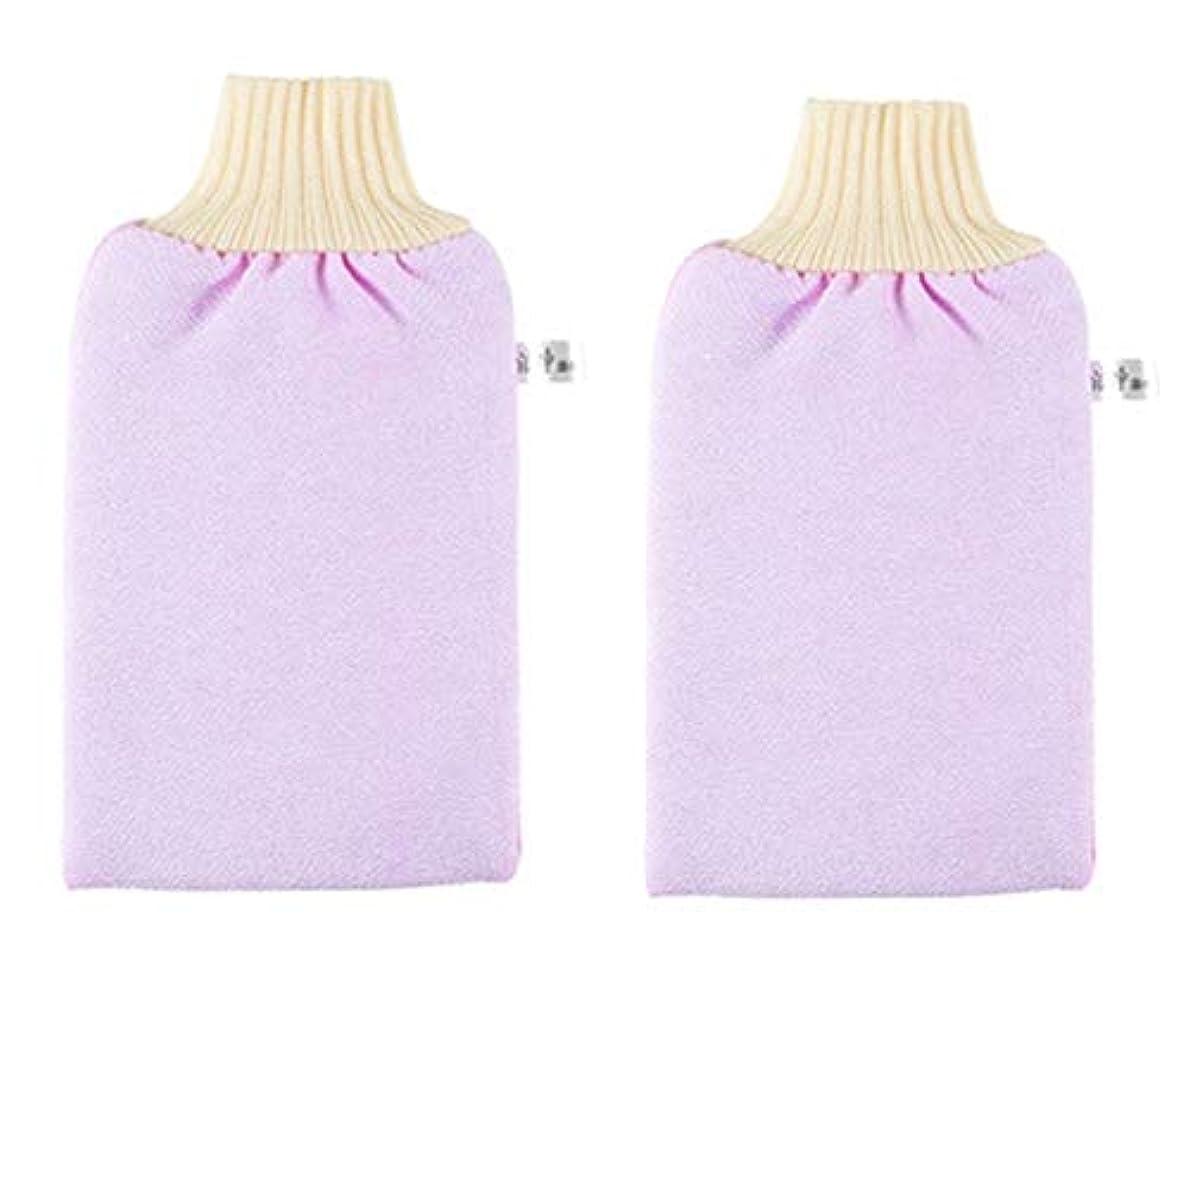 耕す想定するスープBTXXYJP お風呂用手袋 シャワー手袋 あかすり ボディブラシ やわらか ボディタオル 角質除去 (Color : Pink-2 packs)